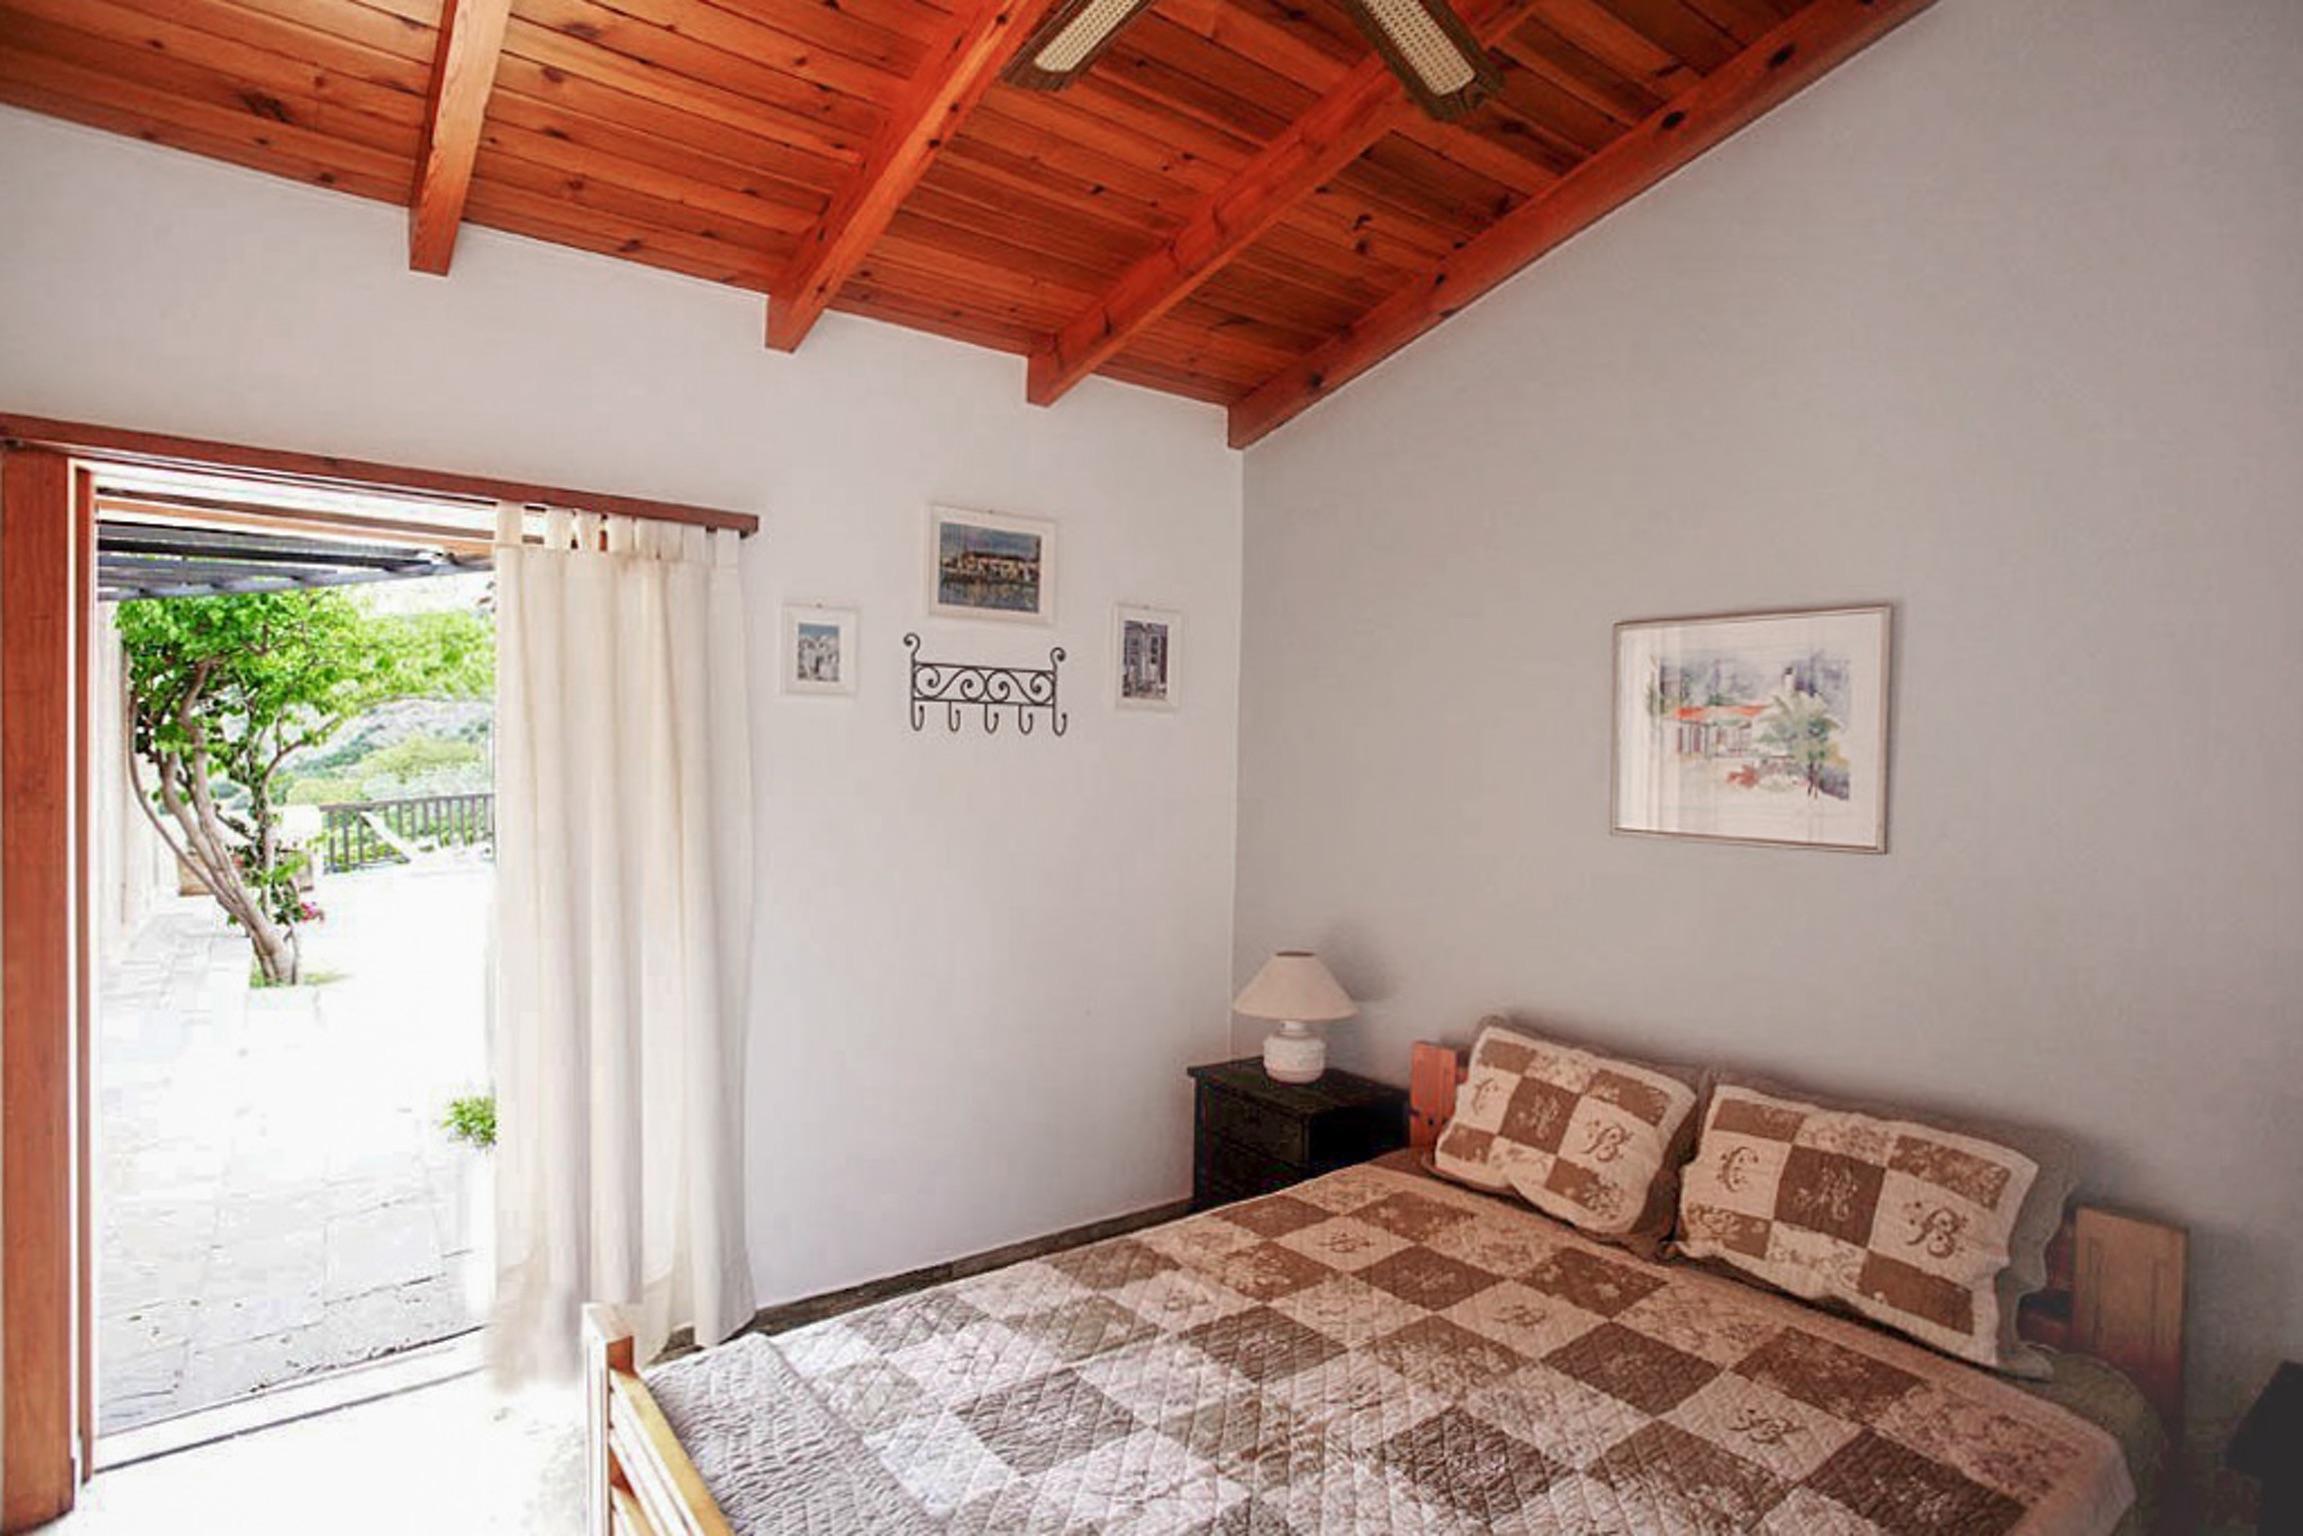 Ferienhaus Villa mit 6 Zimmern in Xiropigado mit herrlichem Meerblick, eingezäuntem Garten und W-LAN  (2201333), Xiropigado, , Peloponnes, Griechenland, Bild 20